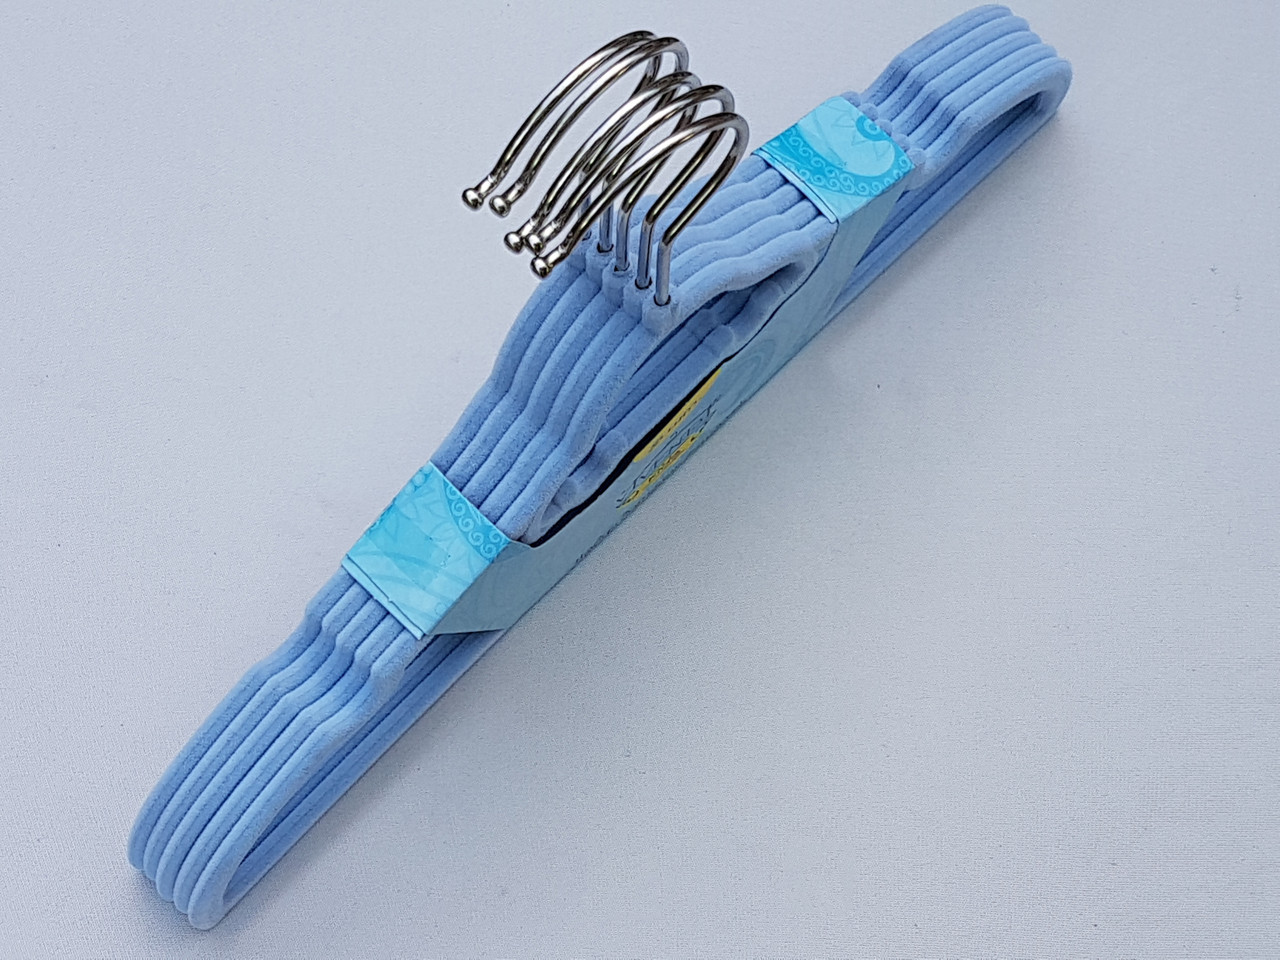 Плечики детские флокированные (бархатные) голубые, 32,5 см, 5 штук в упаковке